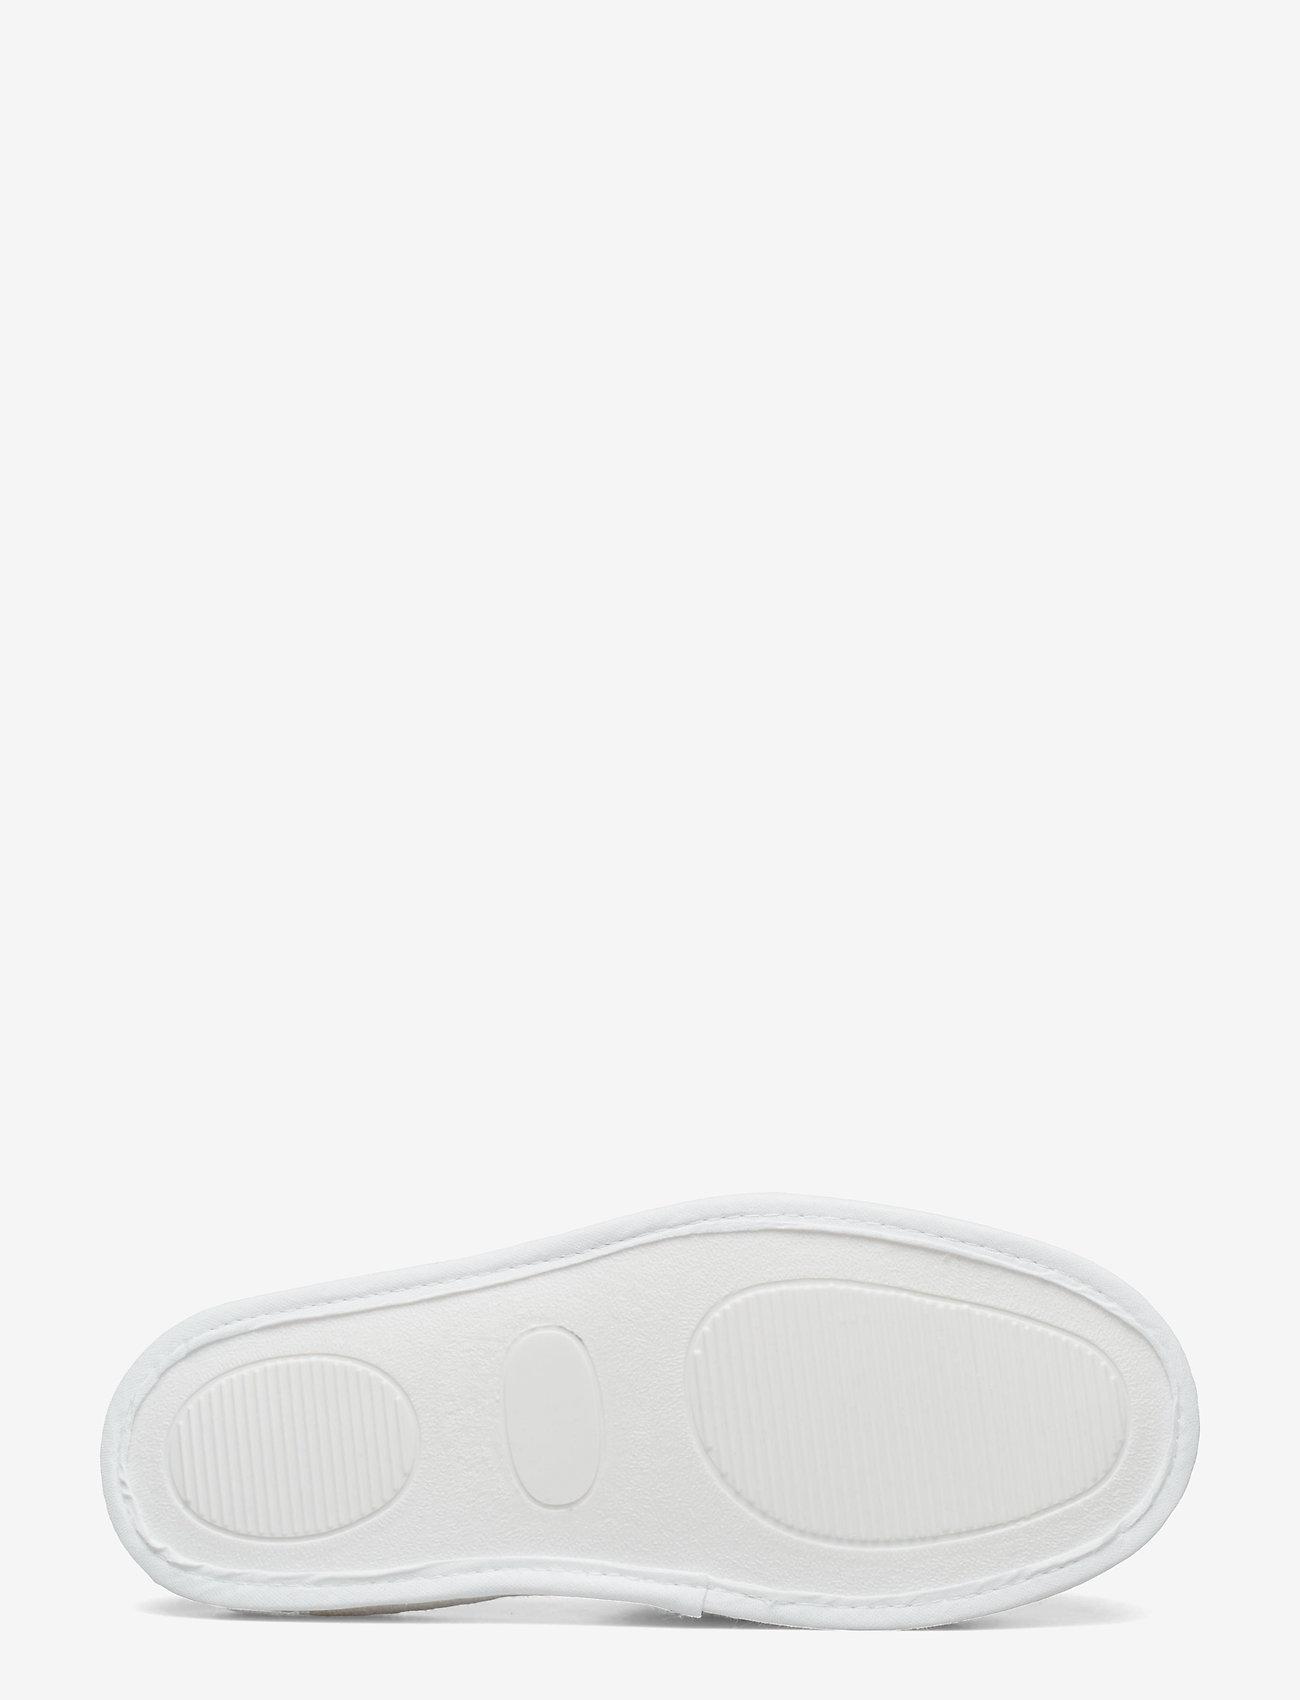 GANT - VACAY SLIPPERS - odzież - white - 4